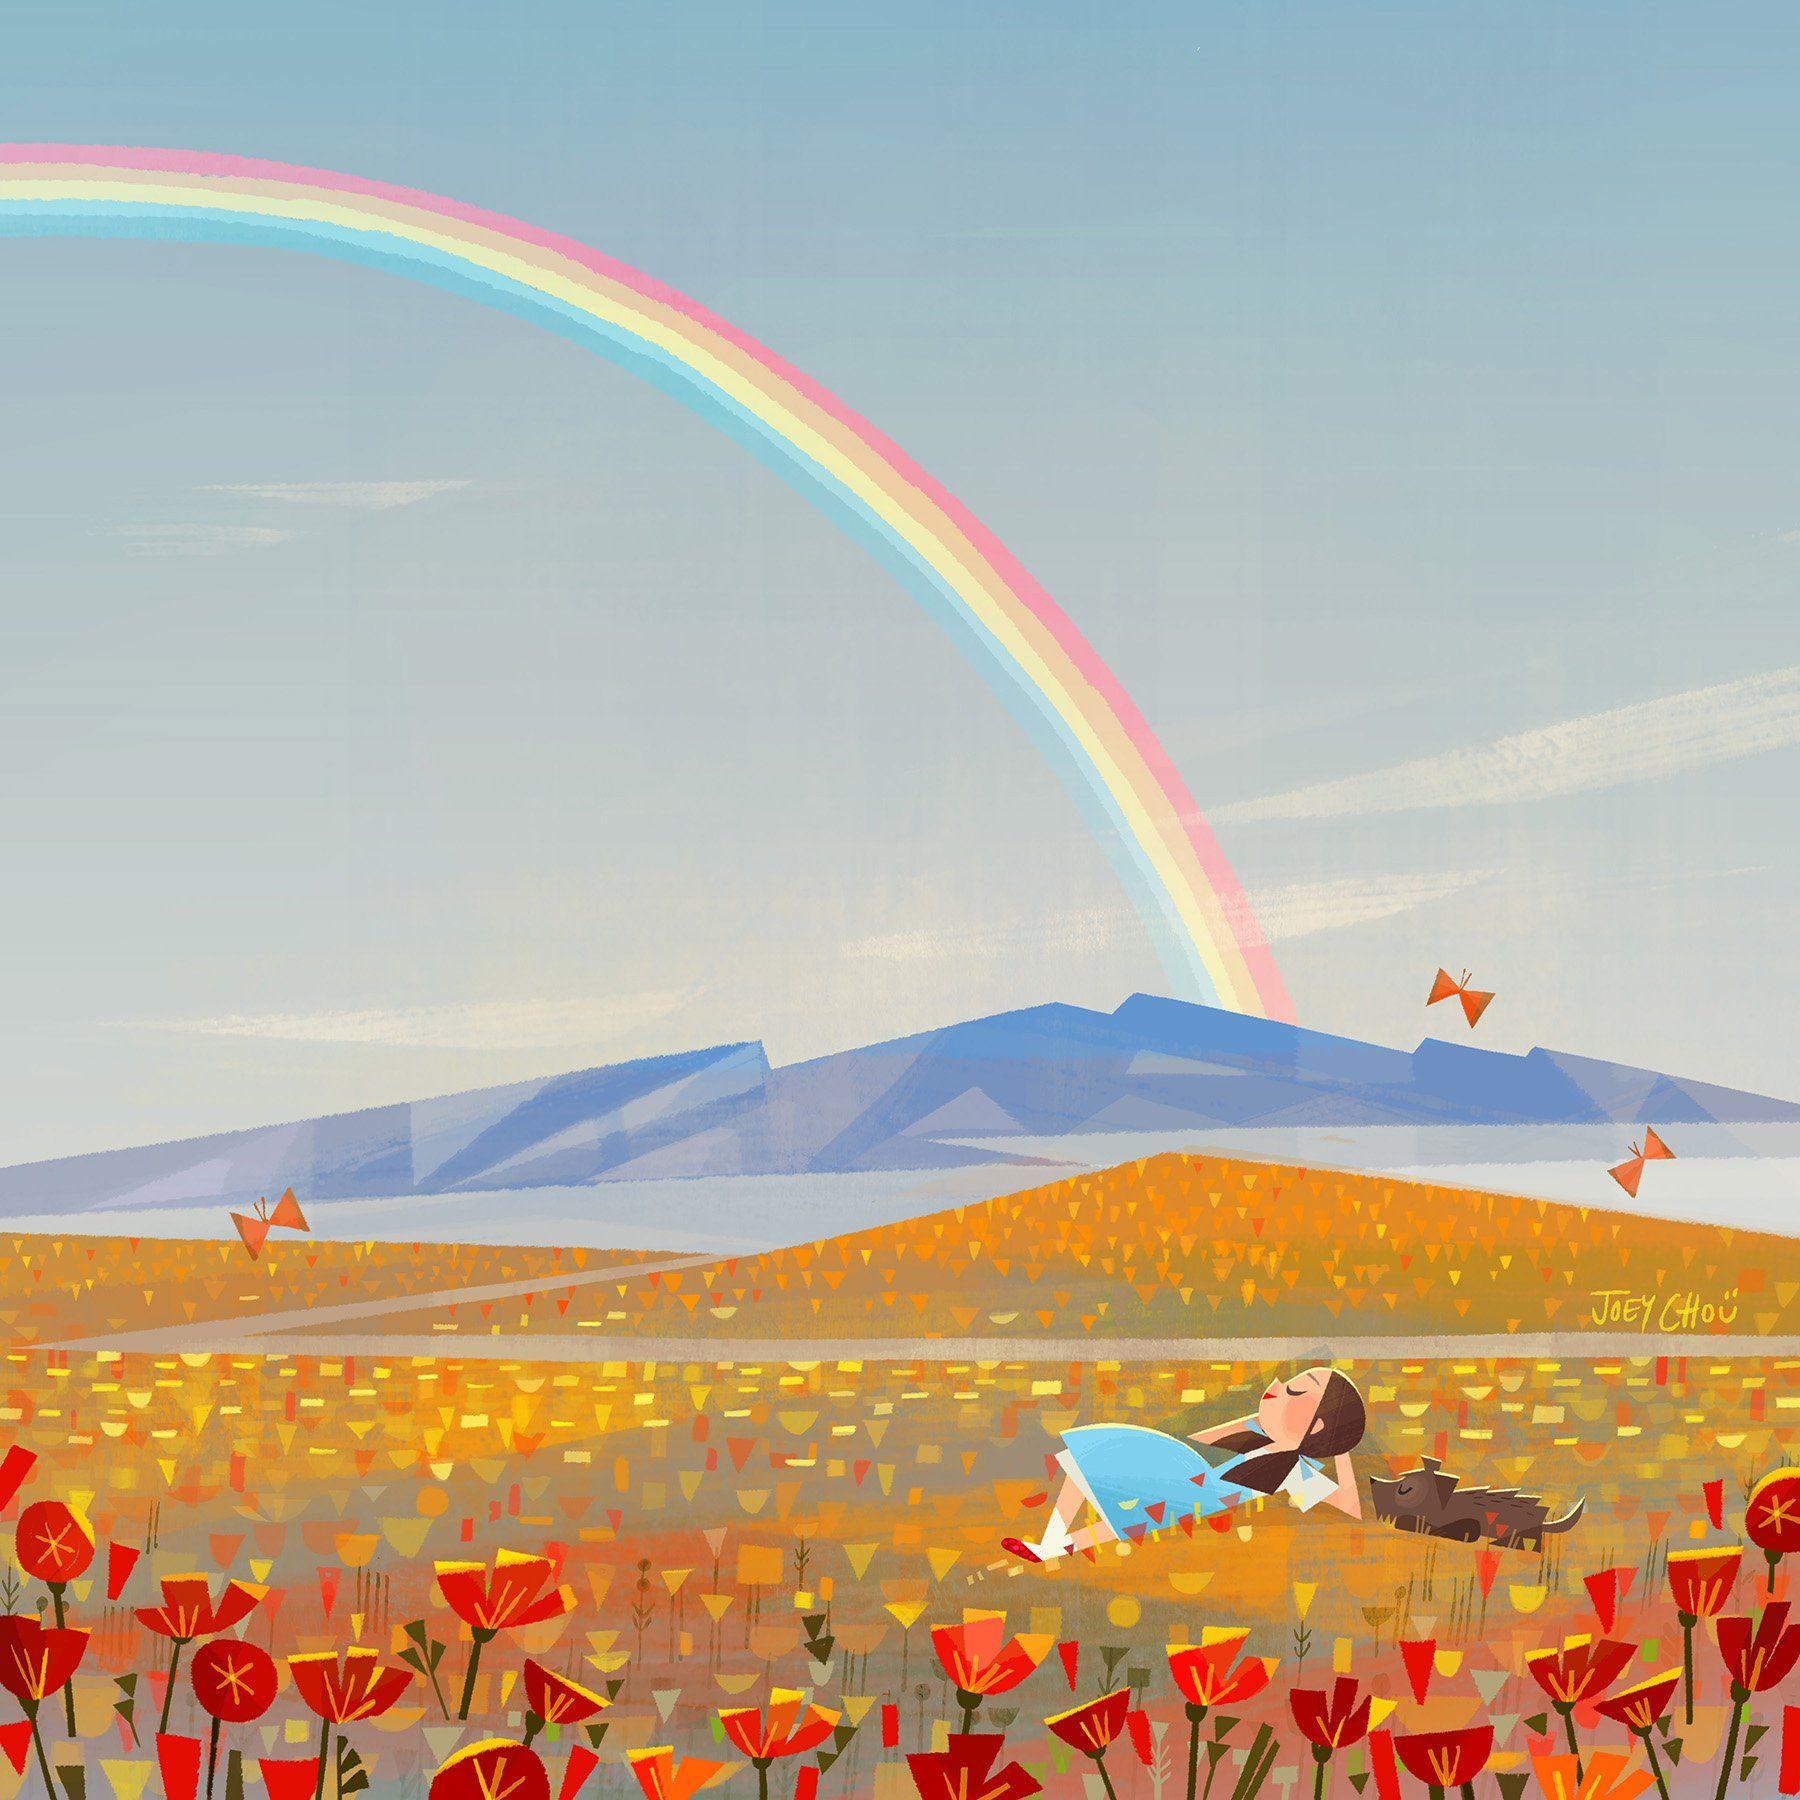 художник рисует радугу картинка затраты строительство загородного